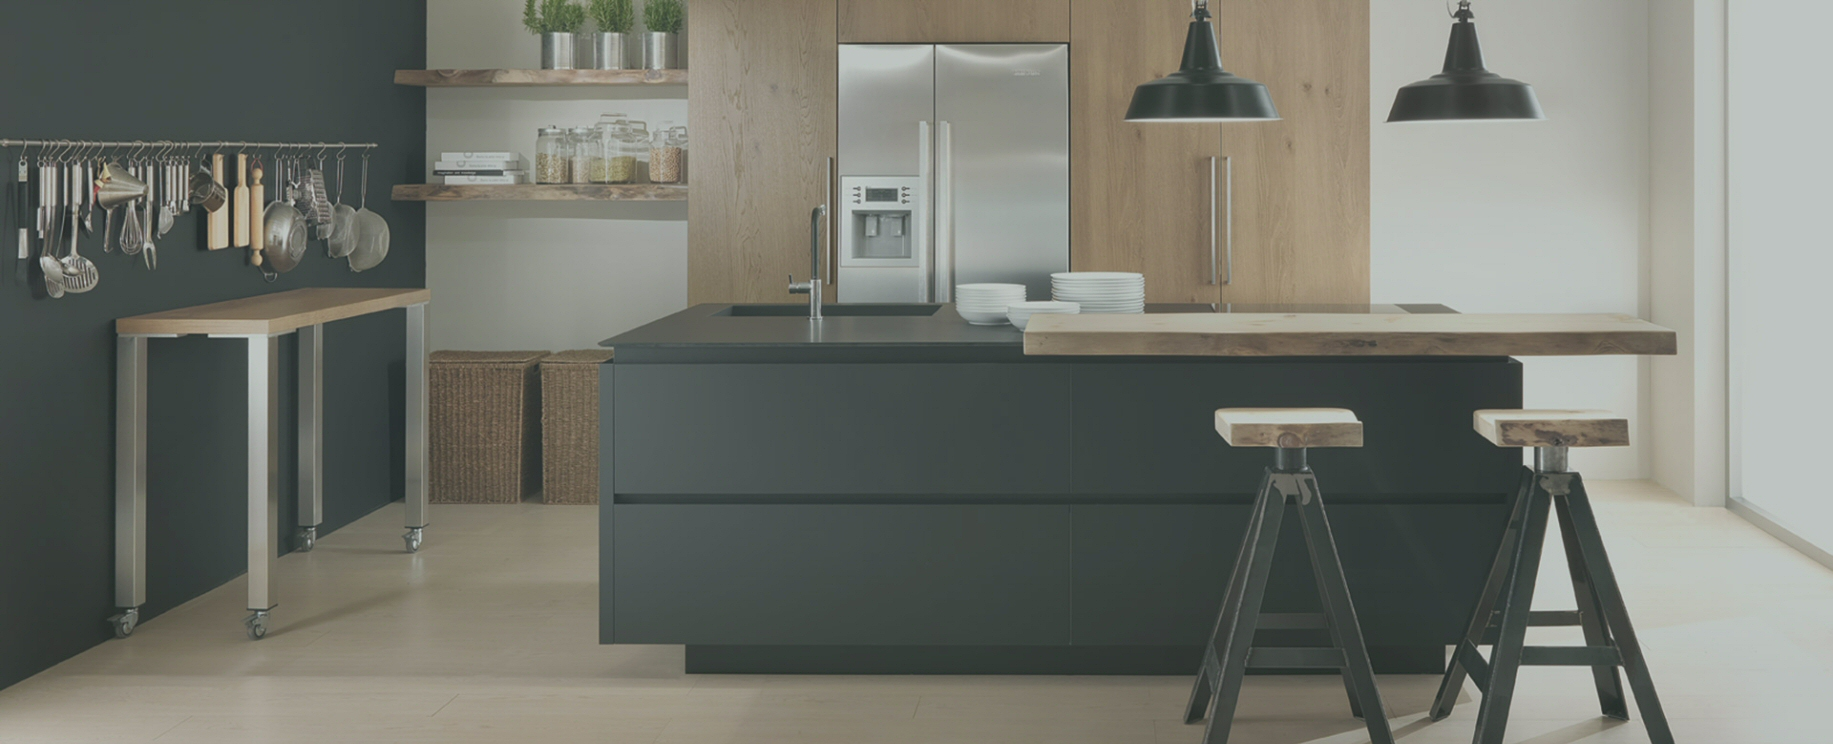 idee e ispirazione arredamento - Interior studio Boveri